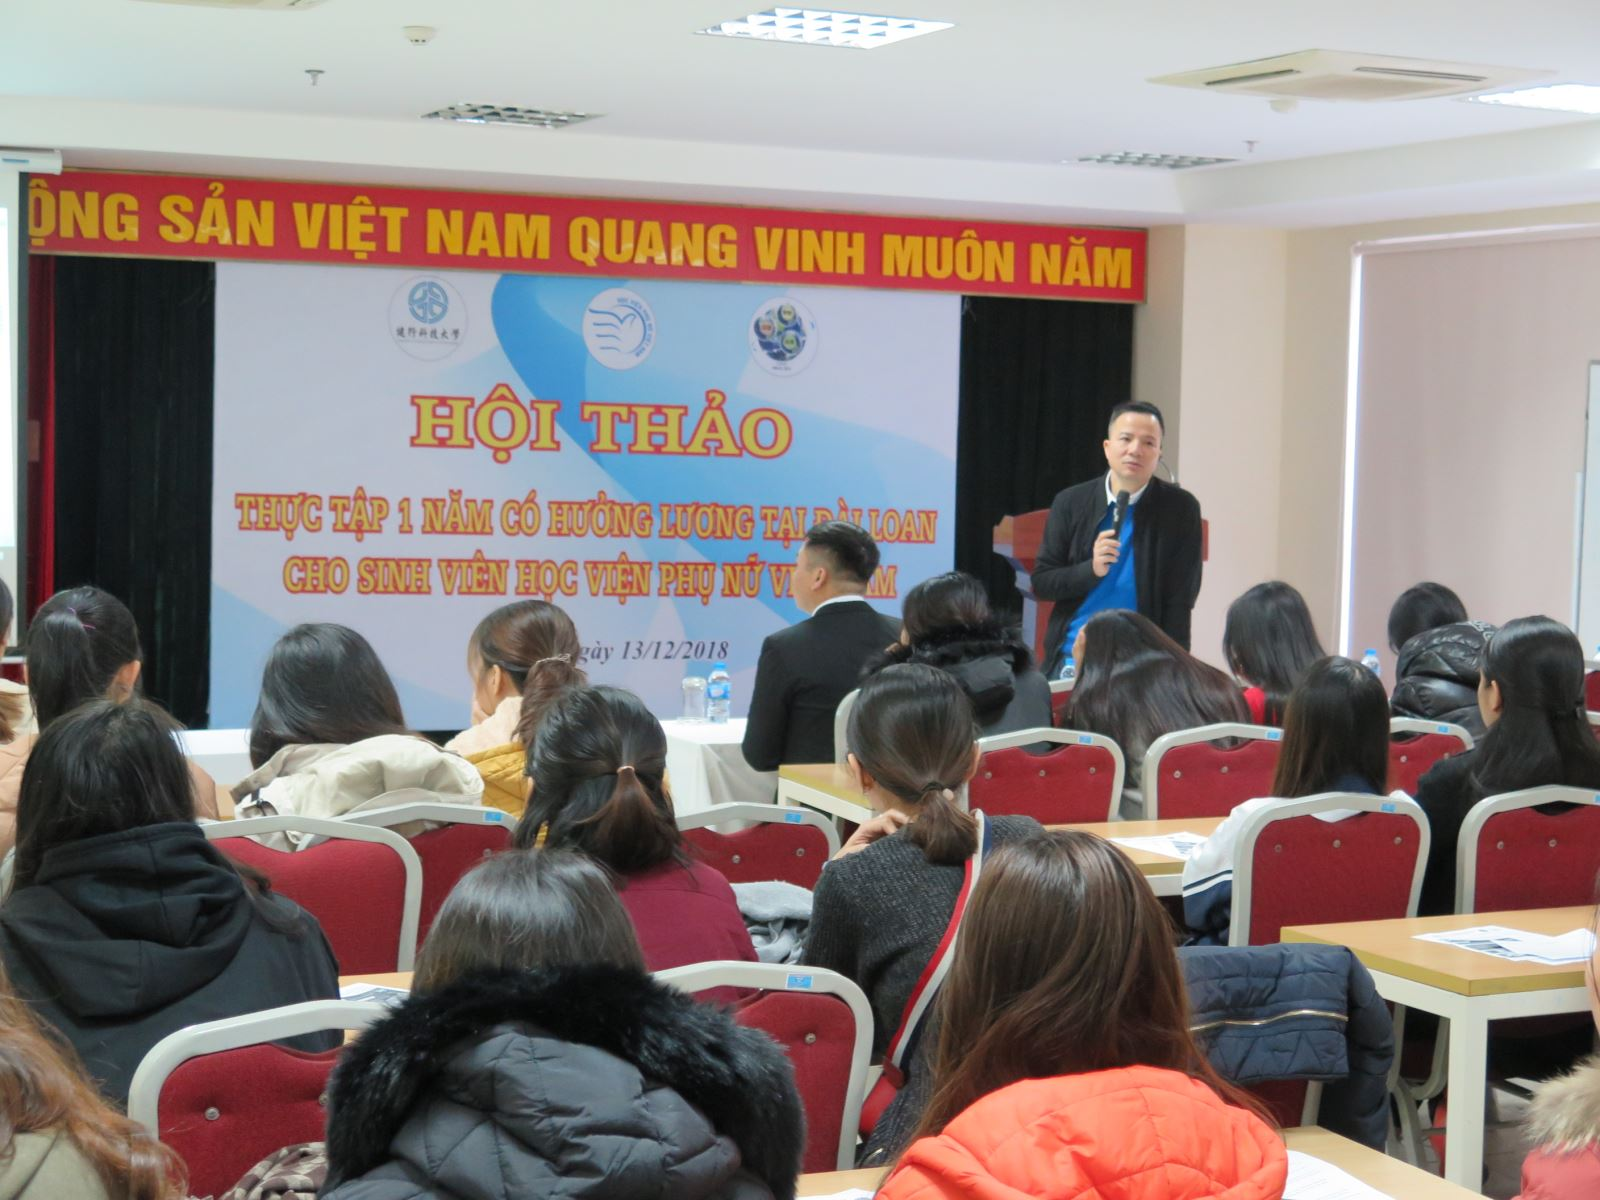 Cơ hội thực tập hưởng lương 1 năm tại Đài Loan dành cho sinh viên Học viện